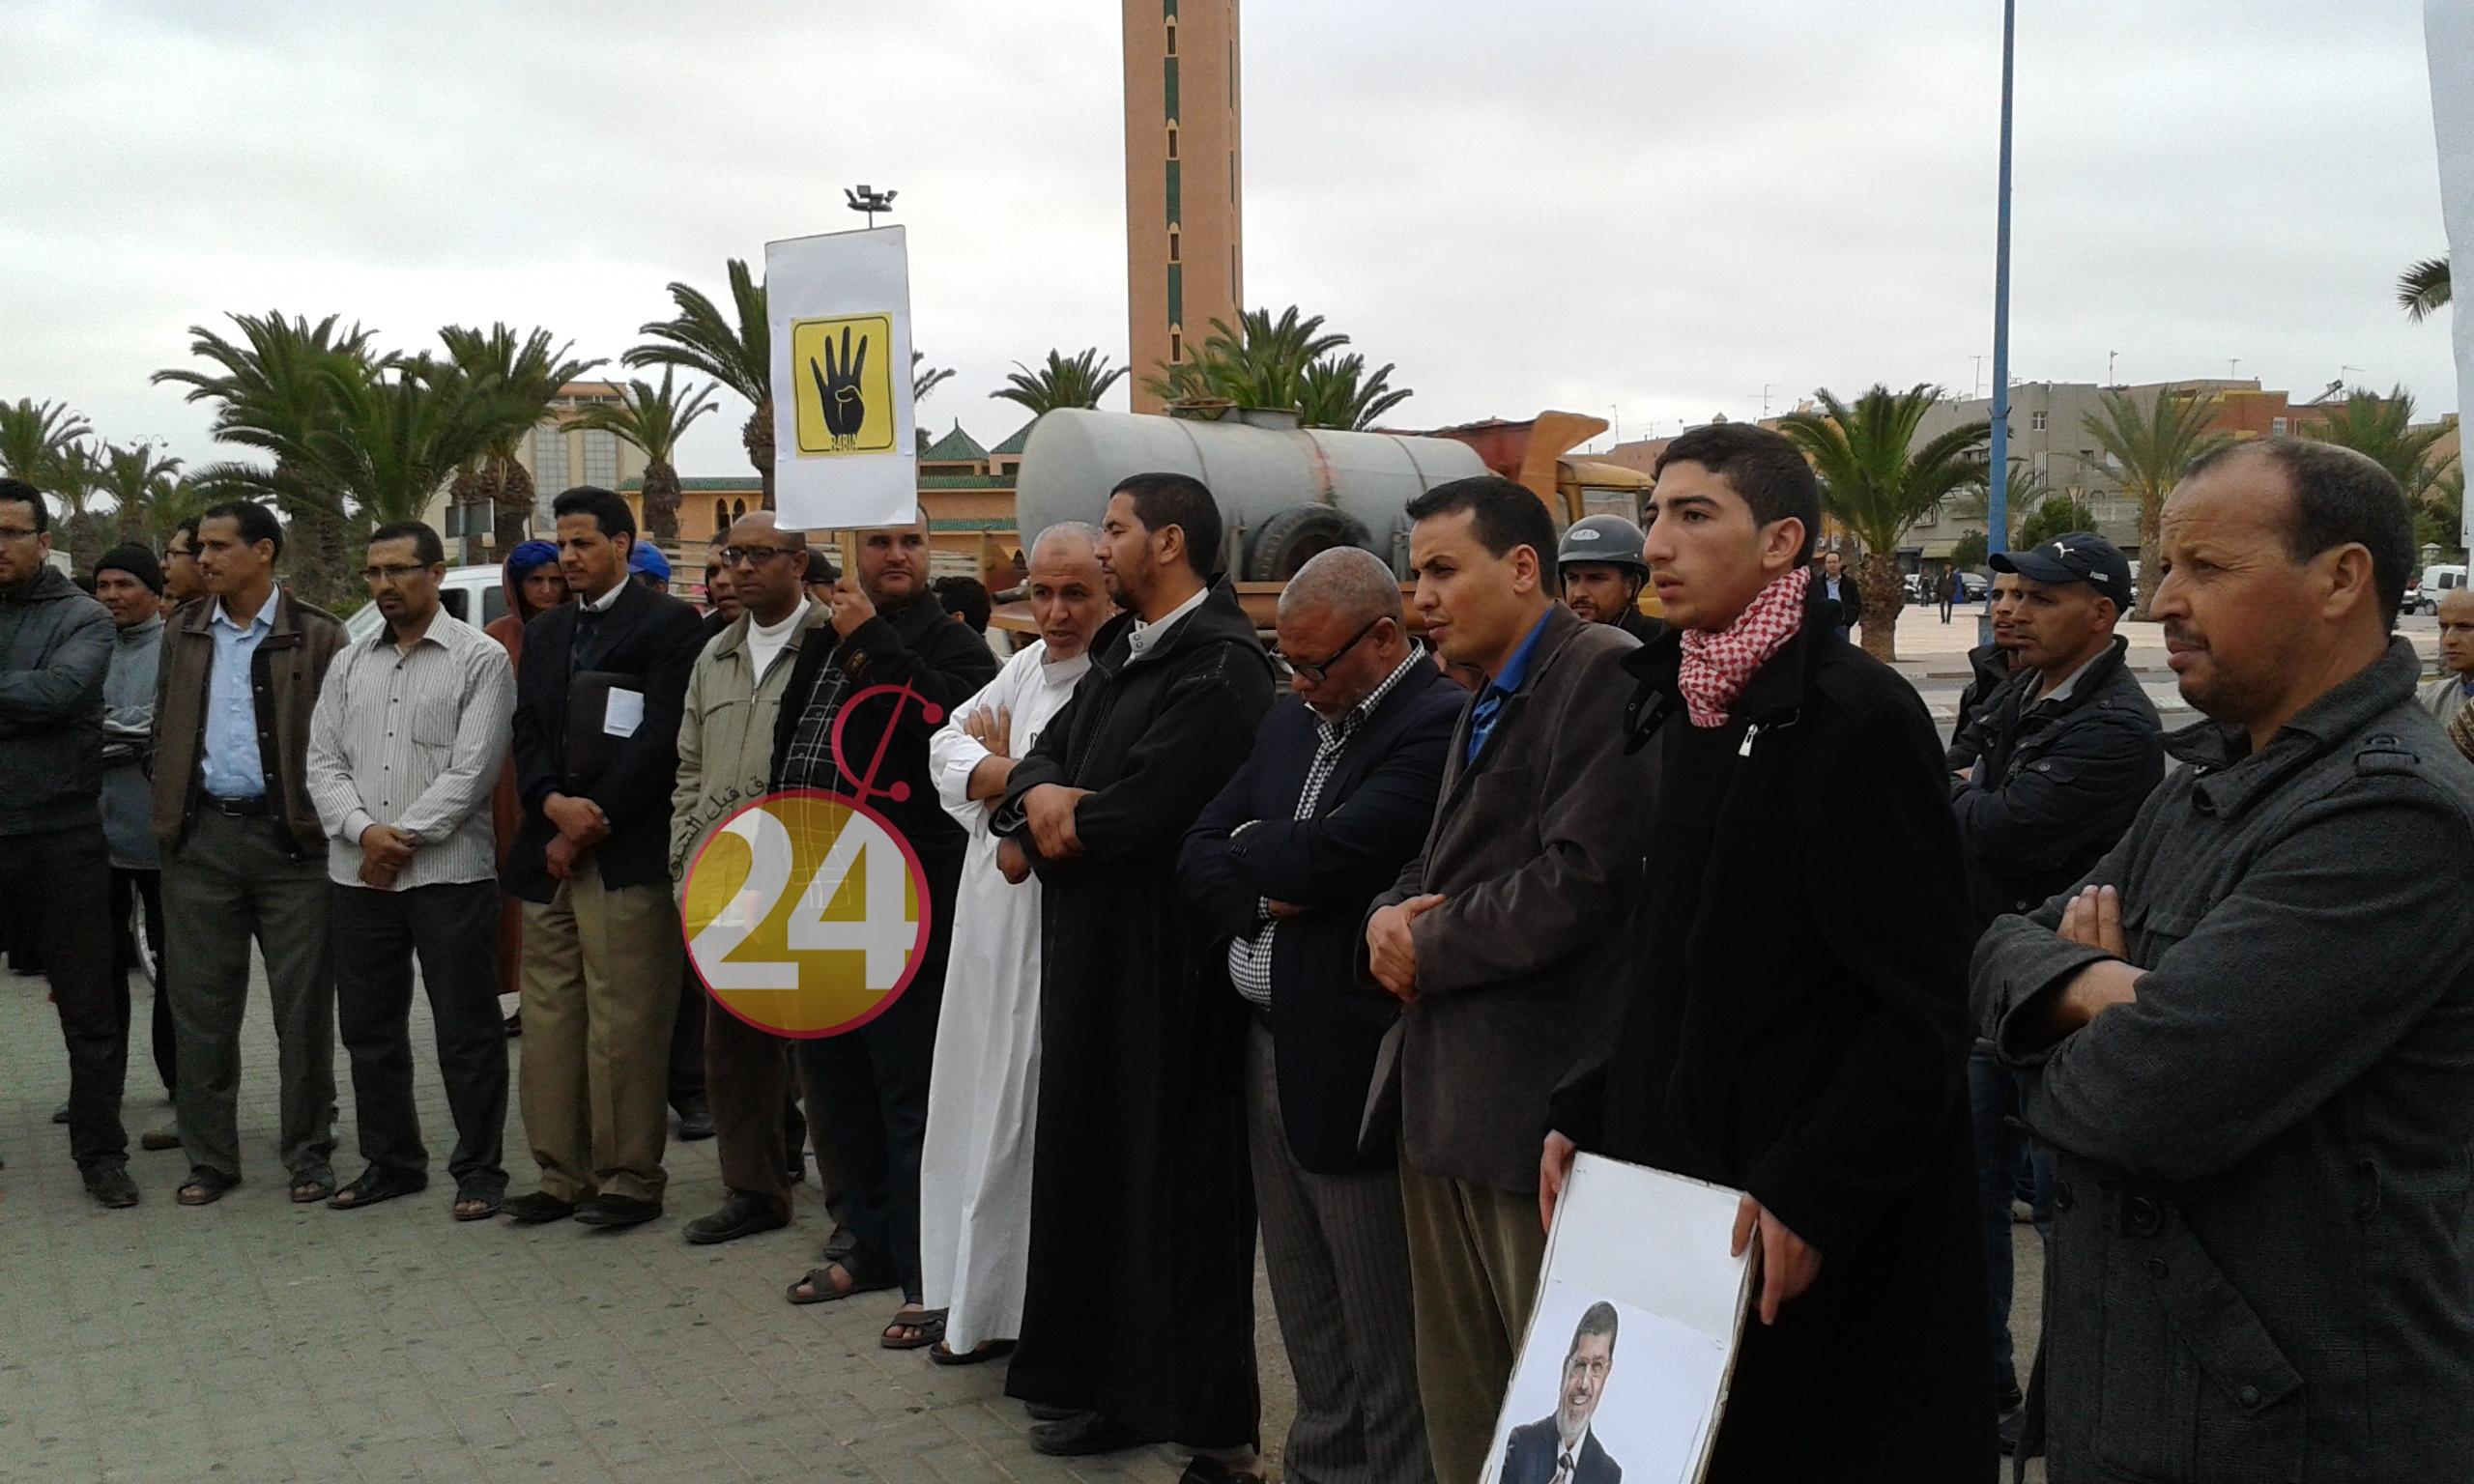 وقفة التوحيد والإصلاح بتيزنيت: من إعدام مرسي إلى مهرجان موازين